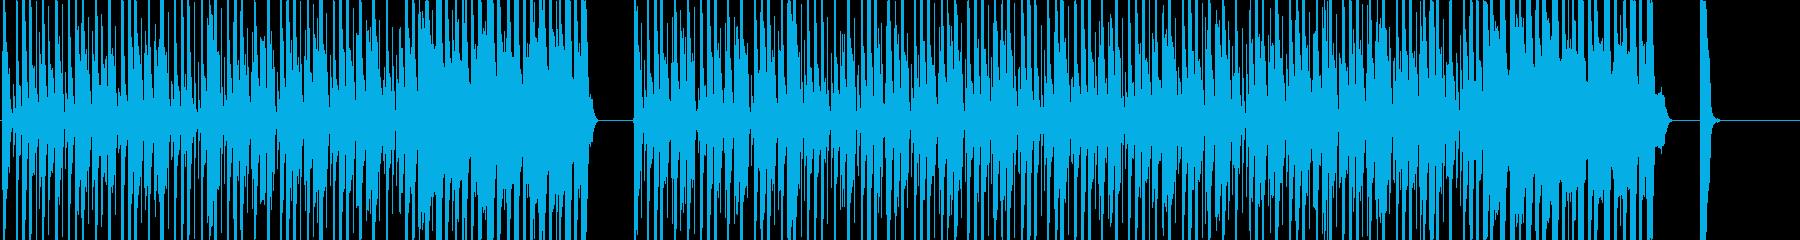 カッティングが強めのロックな曲の再生済みの波形